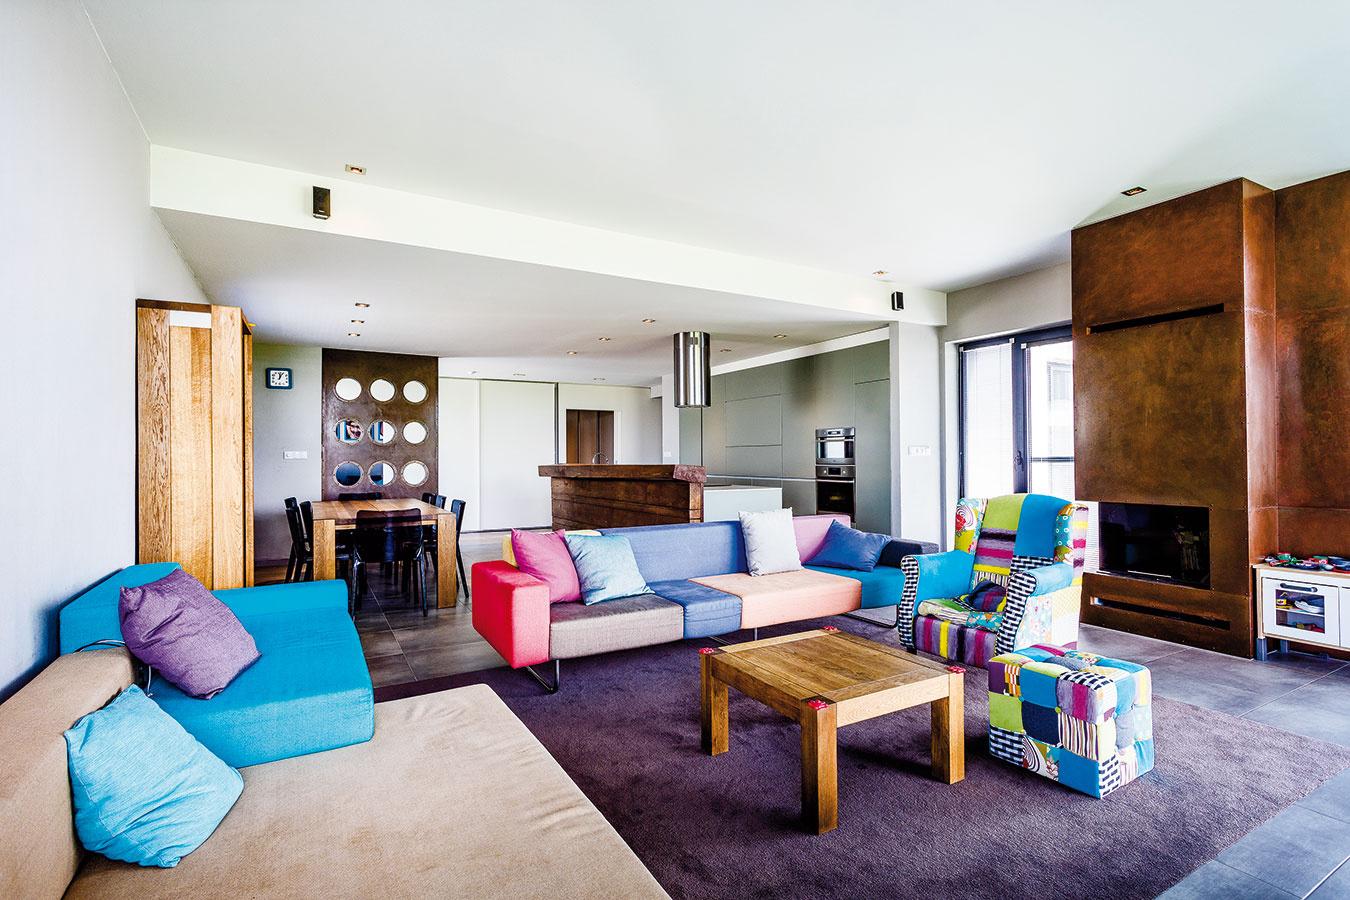 Obývacej časti dominuje farebná textilná sedačka s nápaditým kreslom, ktorého veselý dizajn odráža povahu rodiny. Domáca pani plánuje v blízkom čase dotvoriť interiér obrazmi.